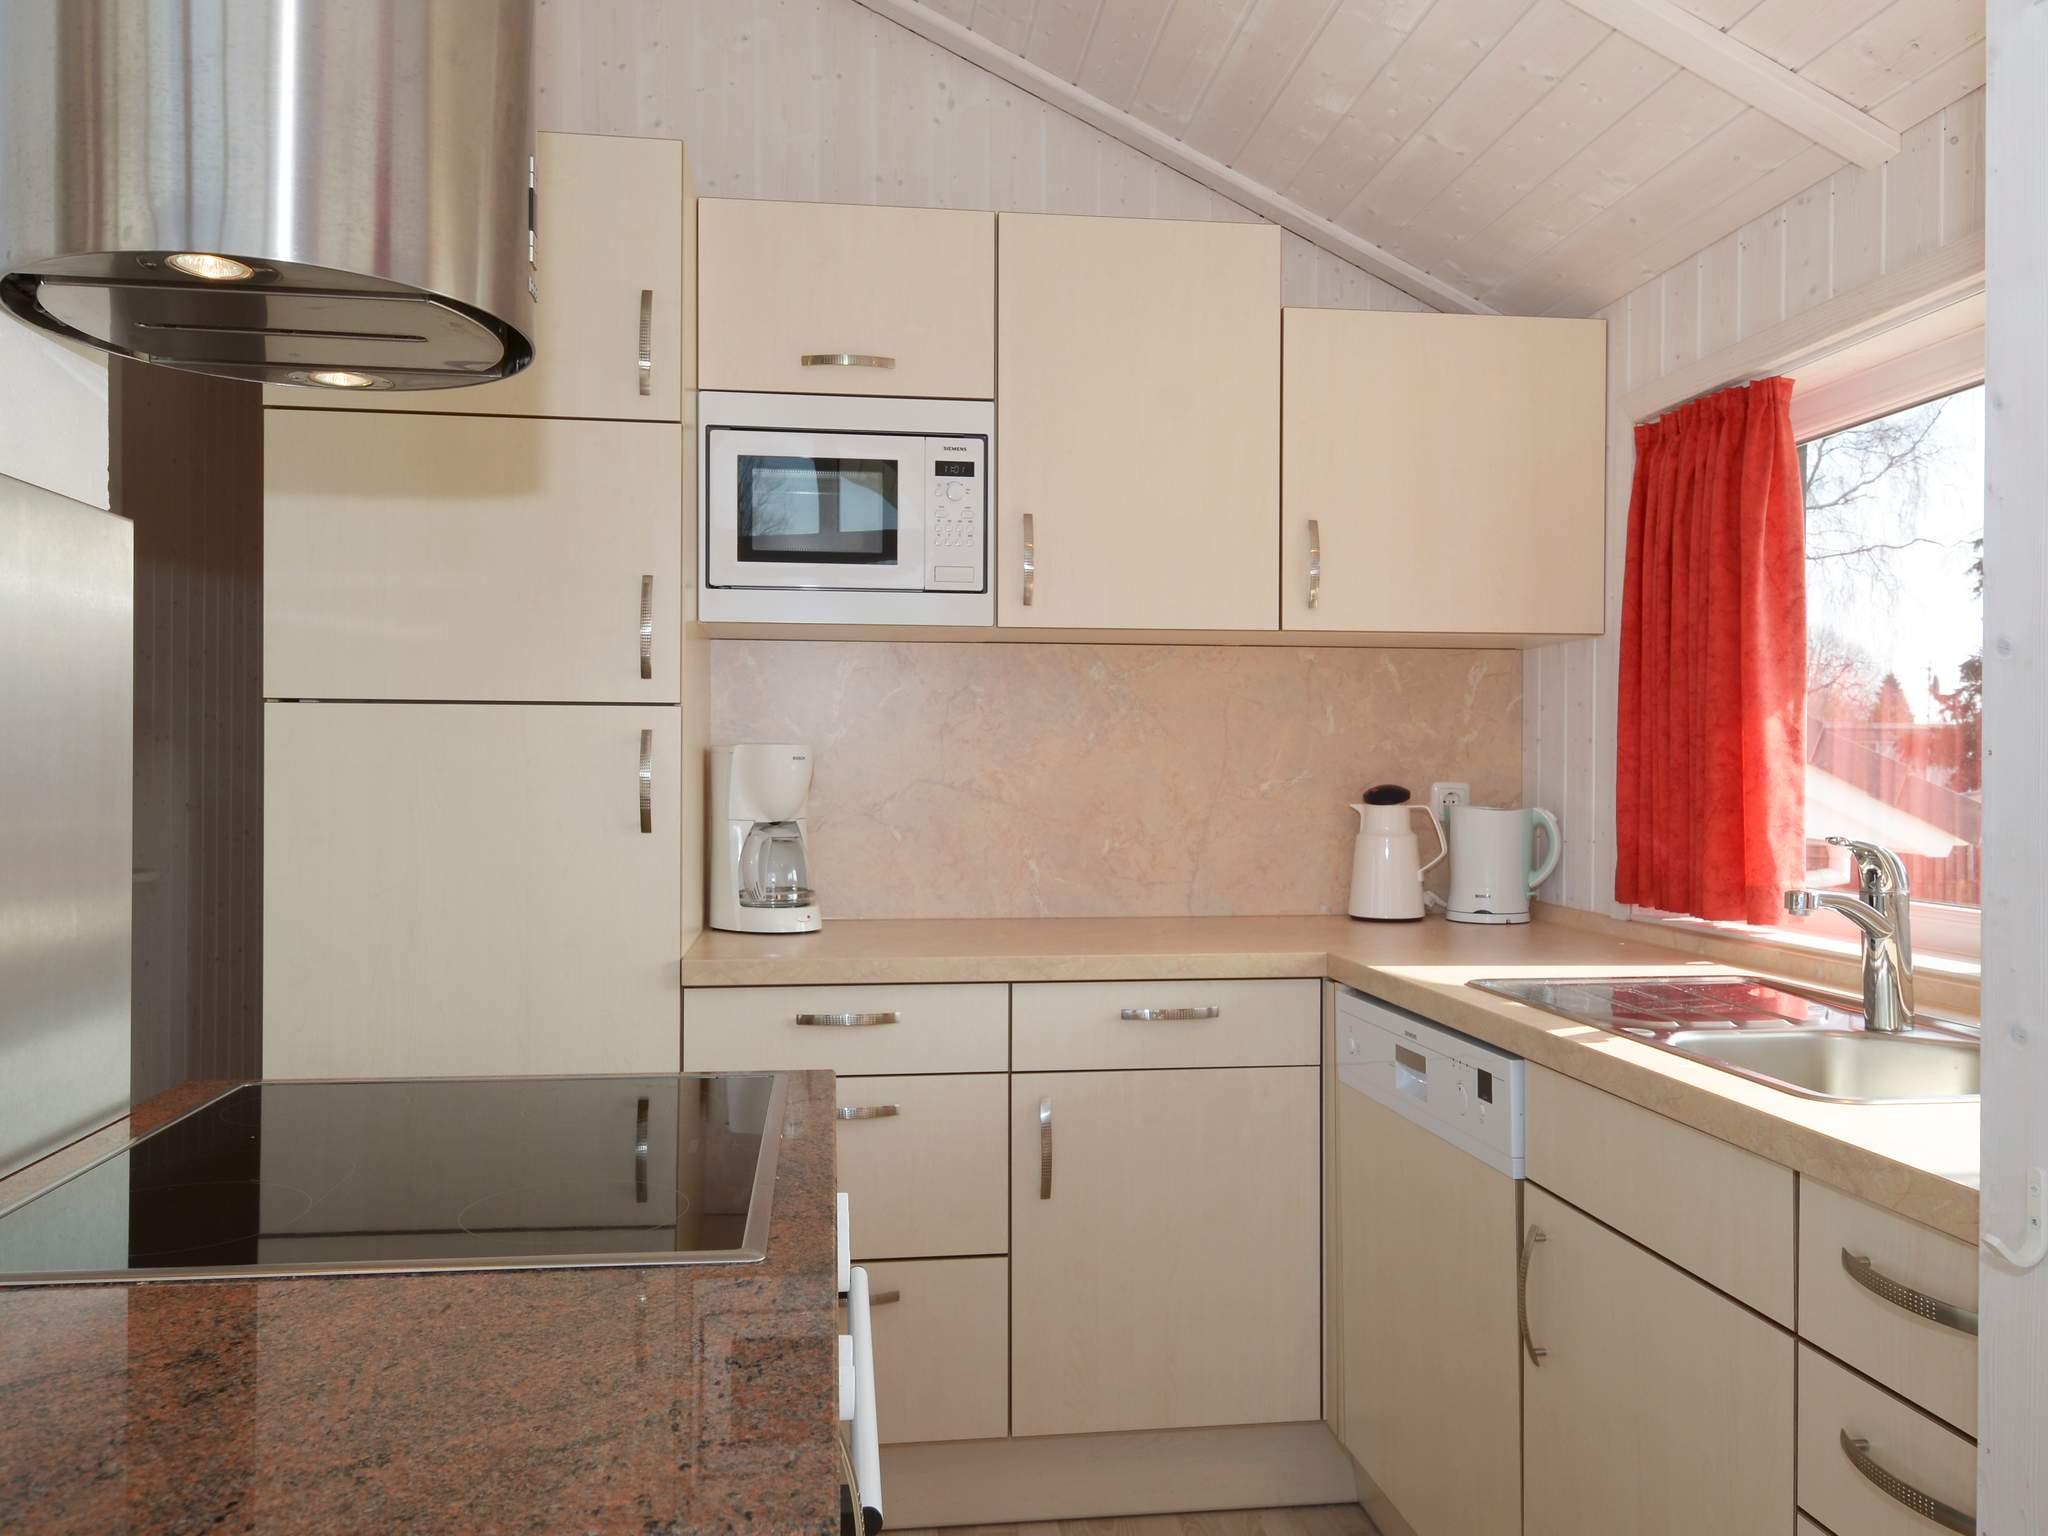 Maison de vacances Grömitz (433402), Grömitz, Baie de Lübeck, Schleswig-Holstein, Allemagne, image 5